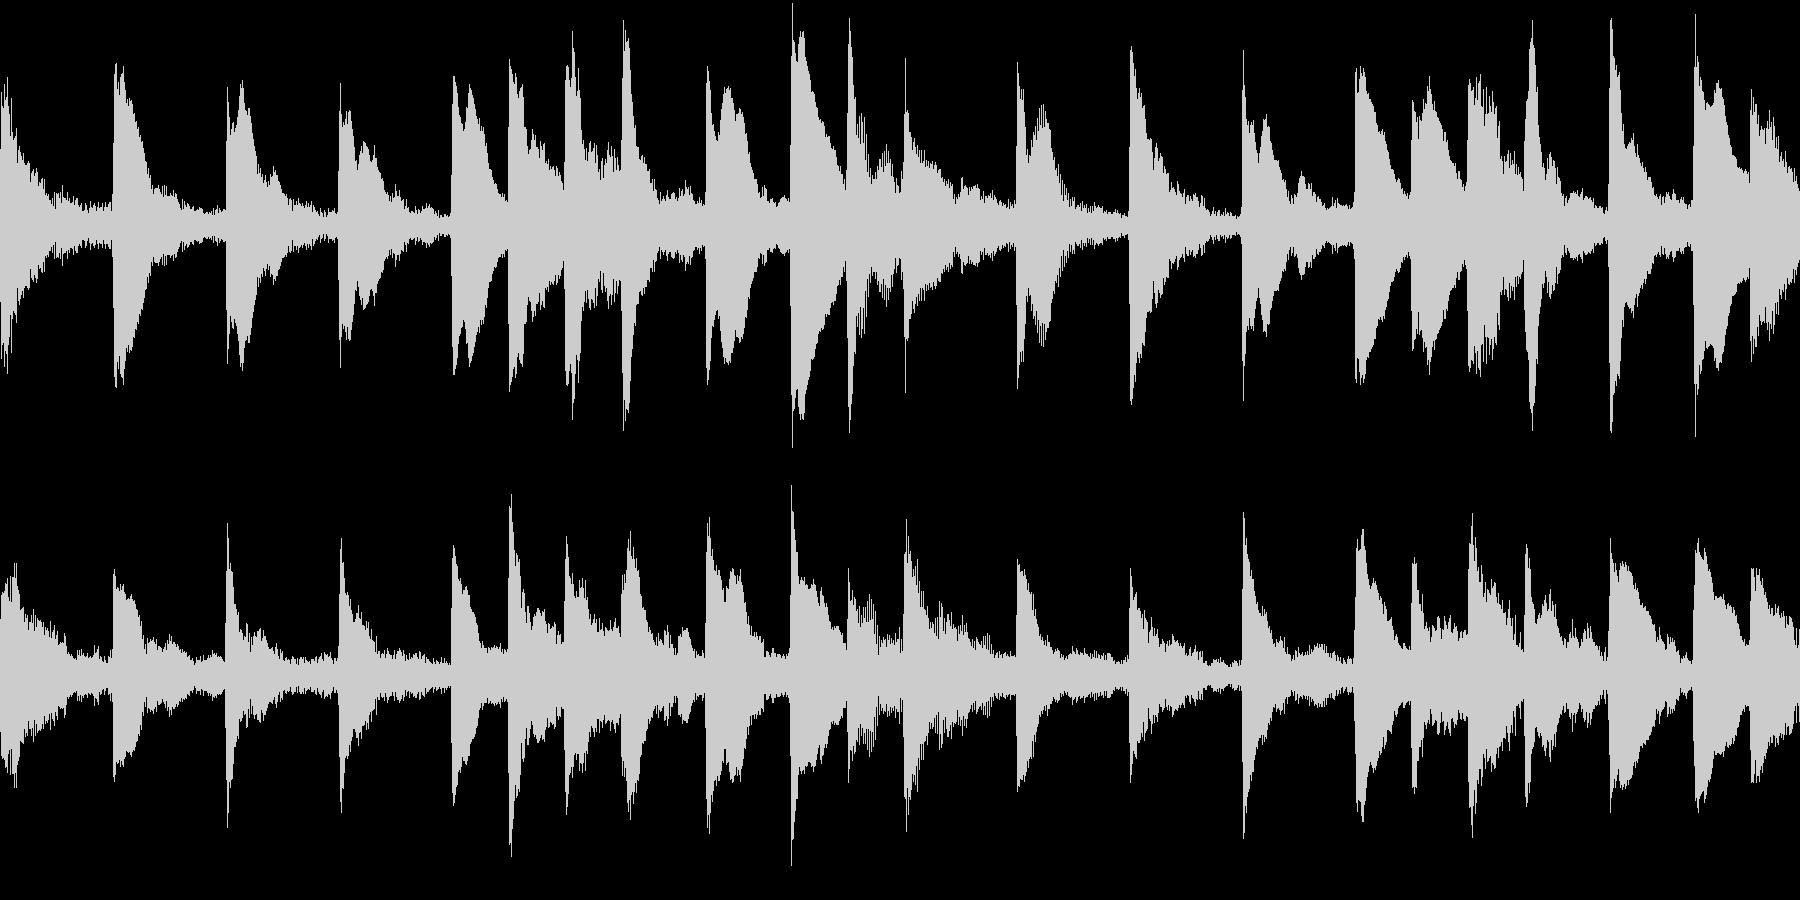 EDM クールなシンセループ 音楽制作用の未再生の波形